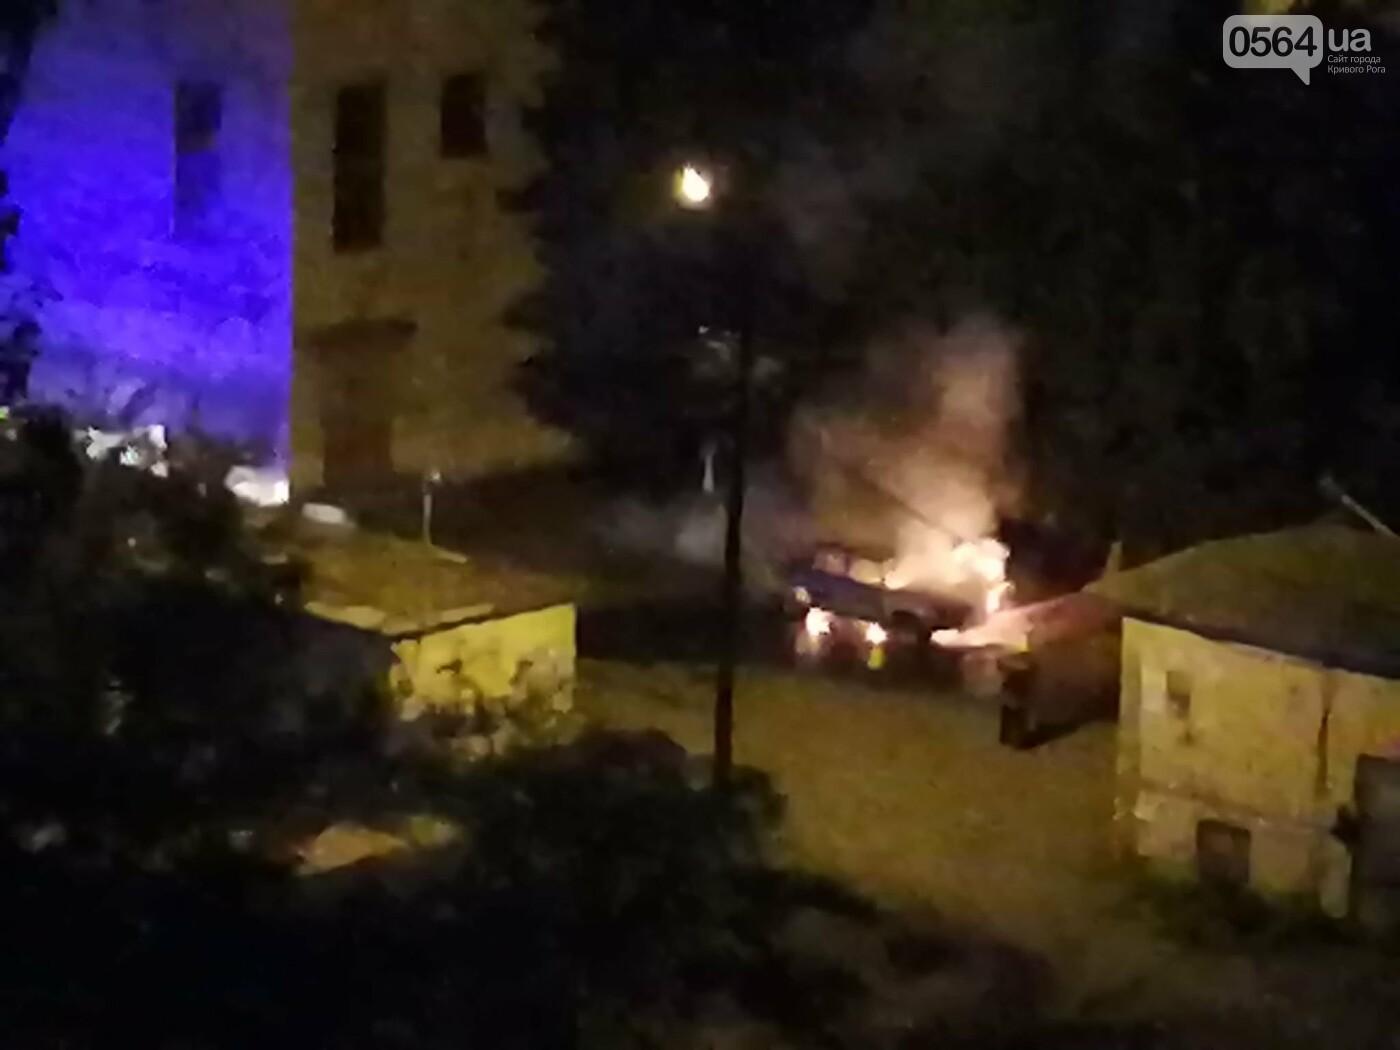 Ночью в Кривом Роге сгорел автомобиль, припаркованный во дворе, - ФОТО , фото-6